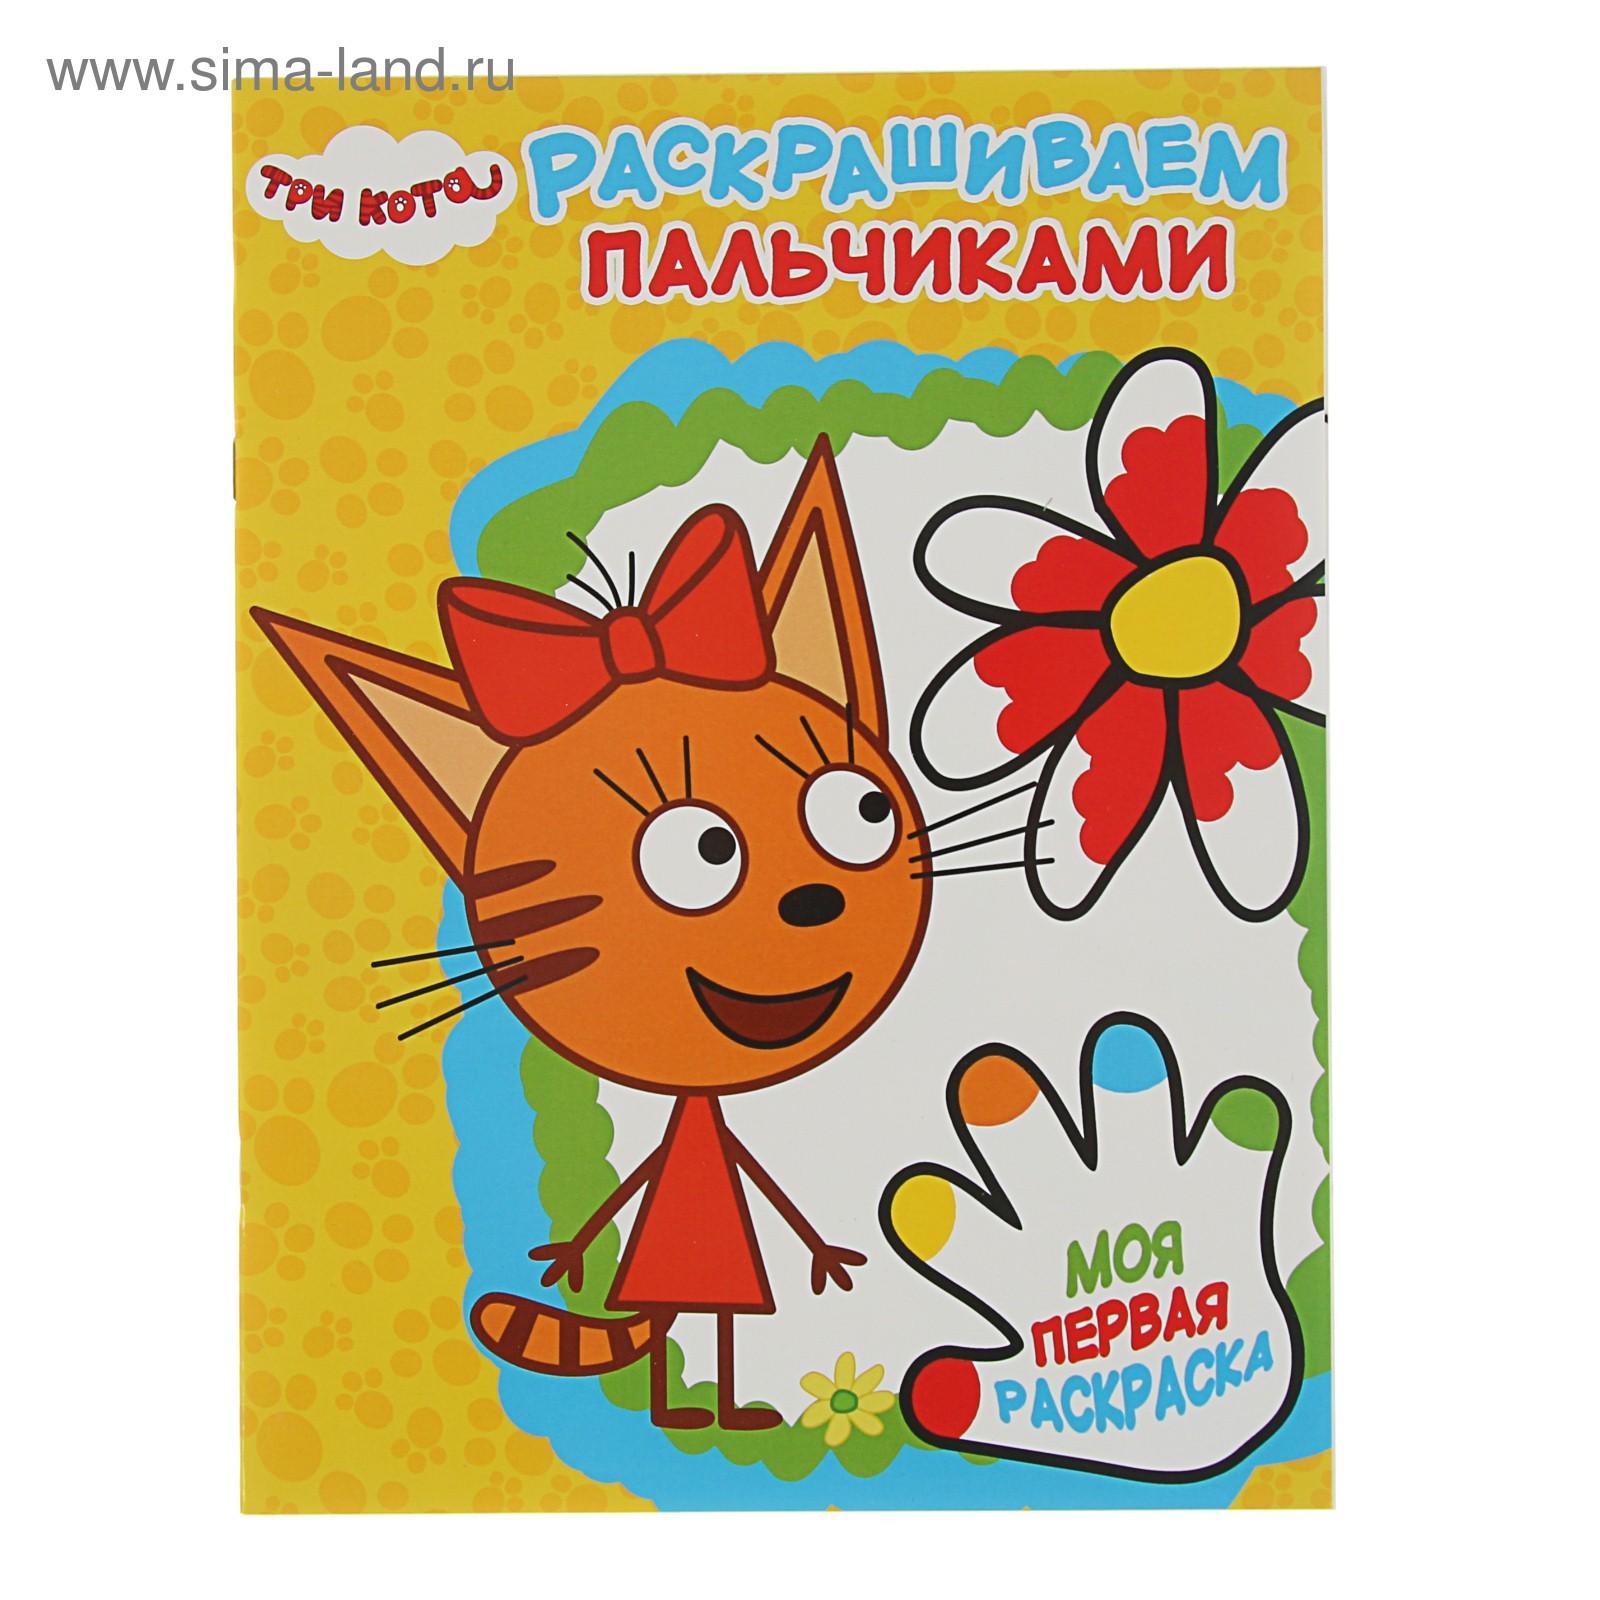 пальчиковая раскраска три кота 3572193 купить по цене